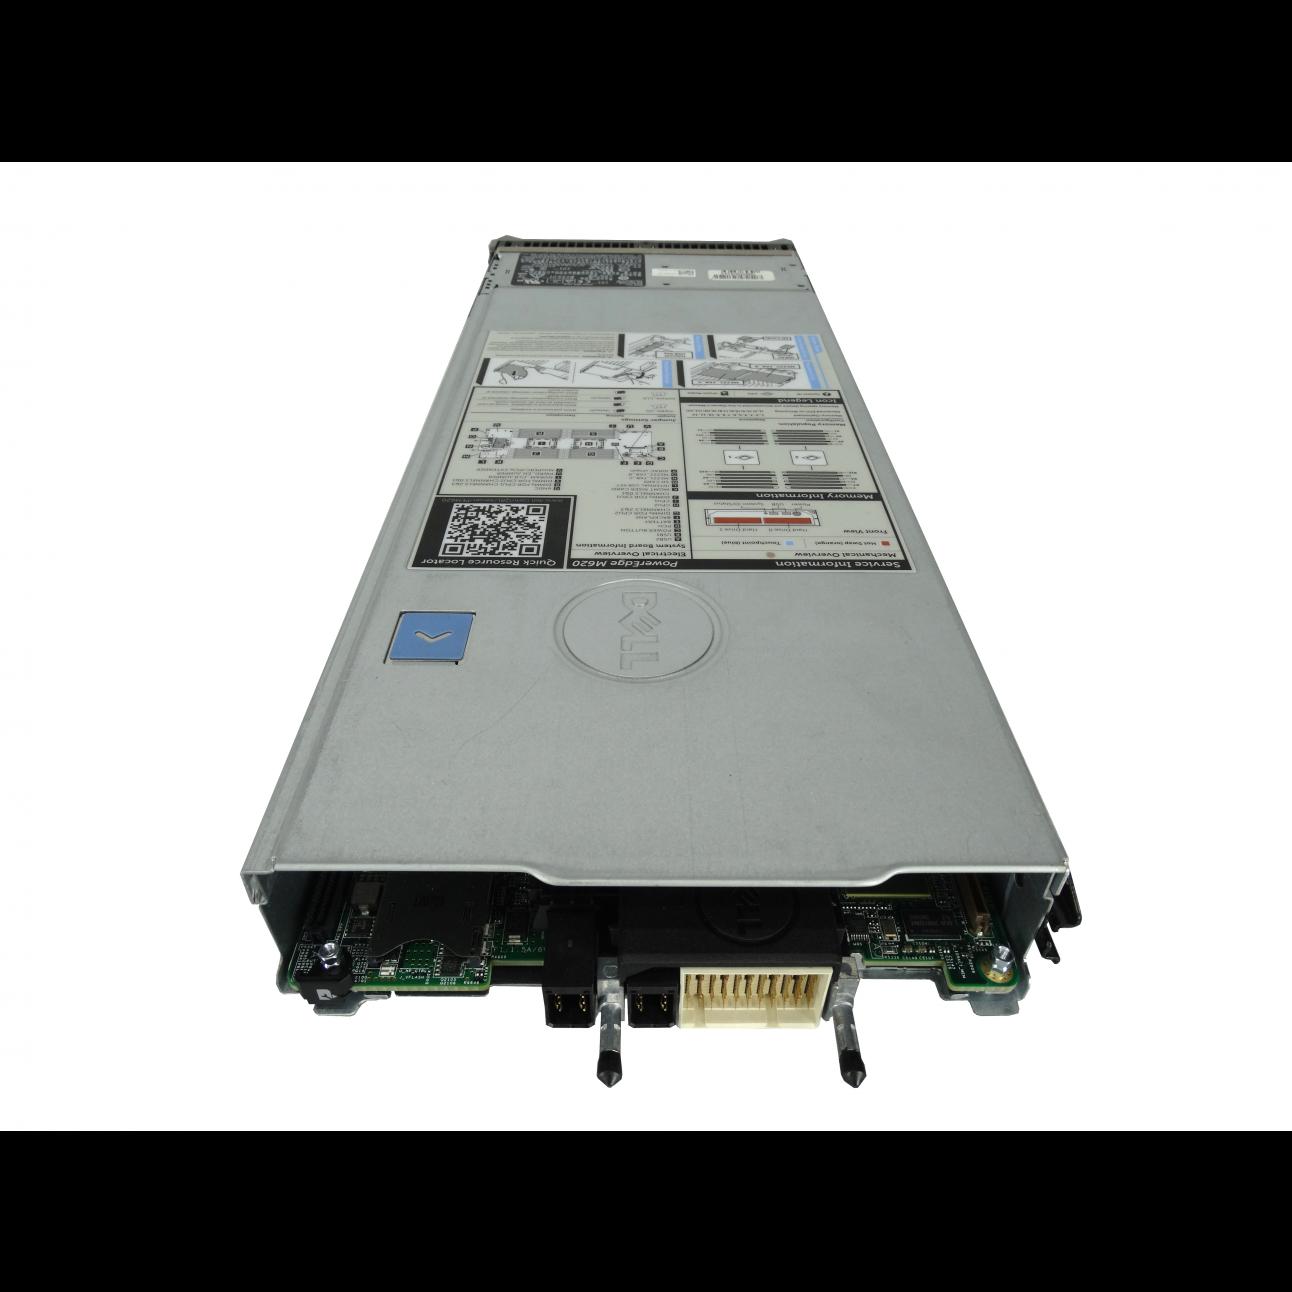 Блейд-сервер DELL PowerEdge M620, 2 процессора Intel 8C E5-2650L 1.80GHz, 16GB DRAM, PERC H310, 2x10Gb 57810-k